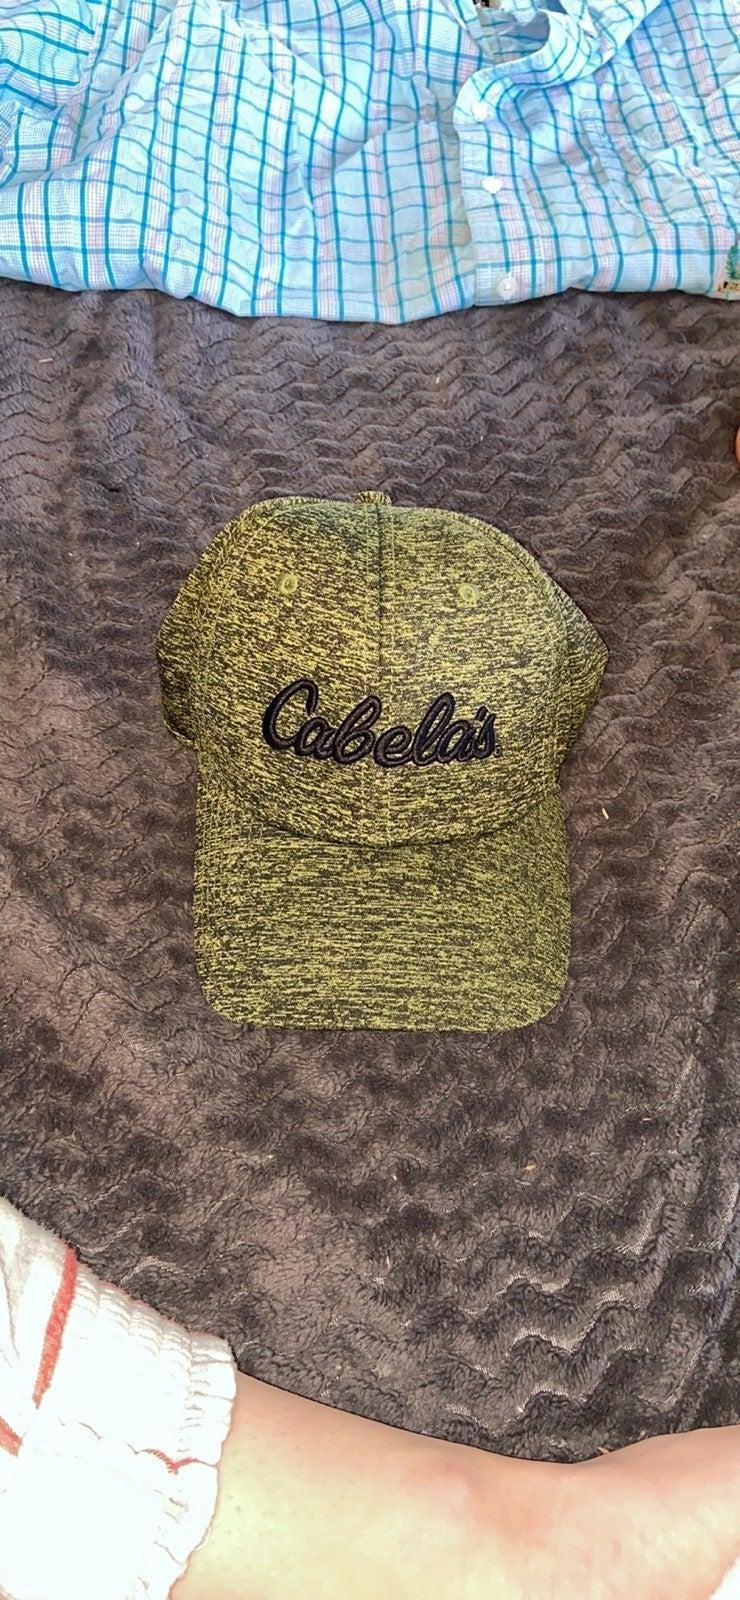 Cabela's cap